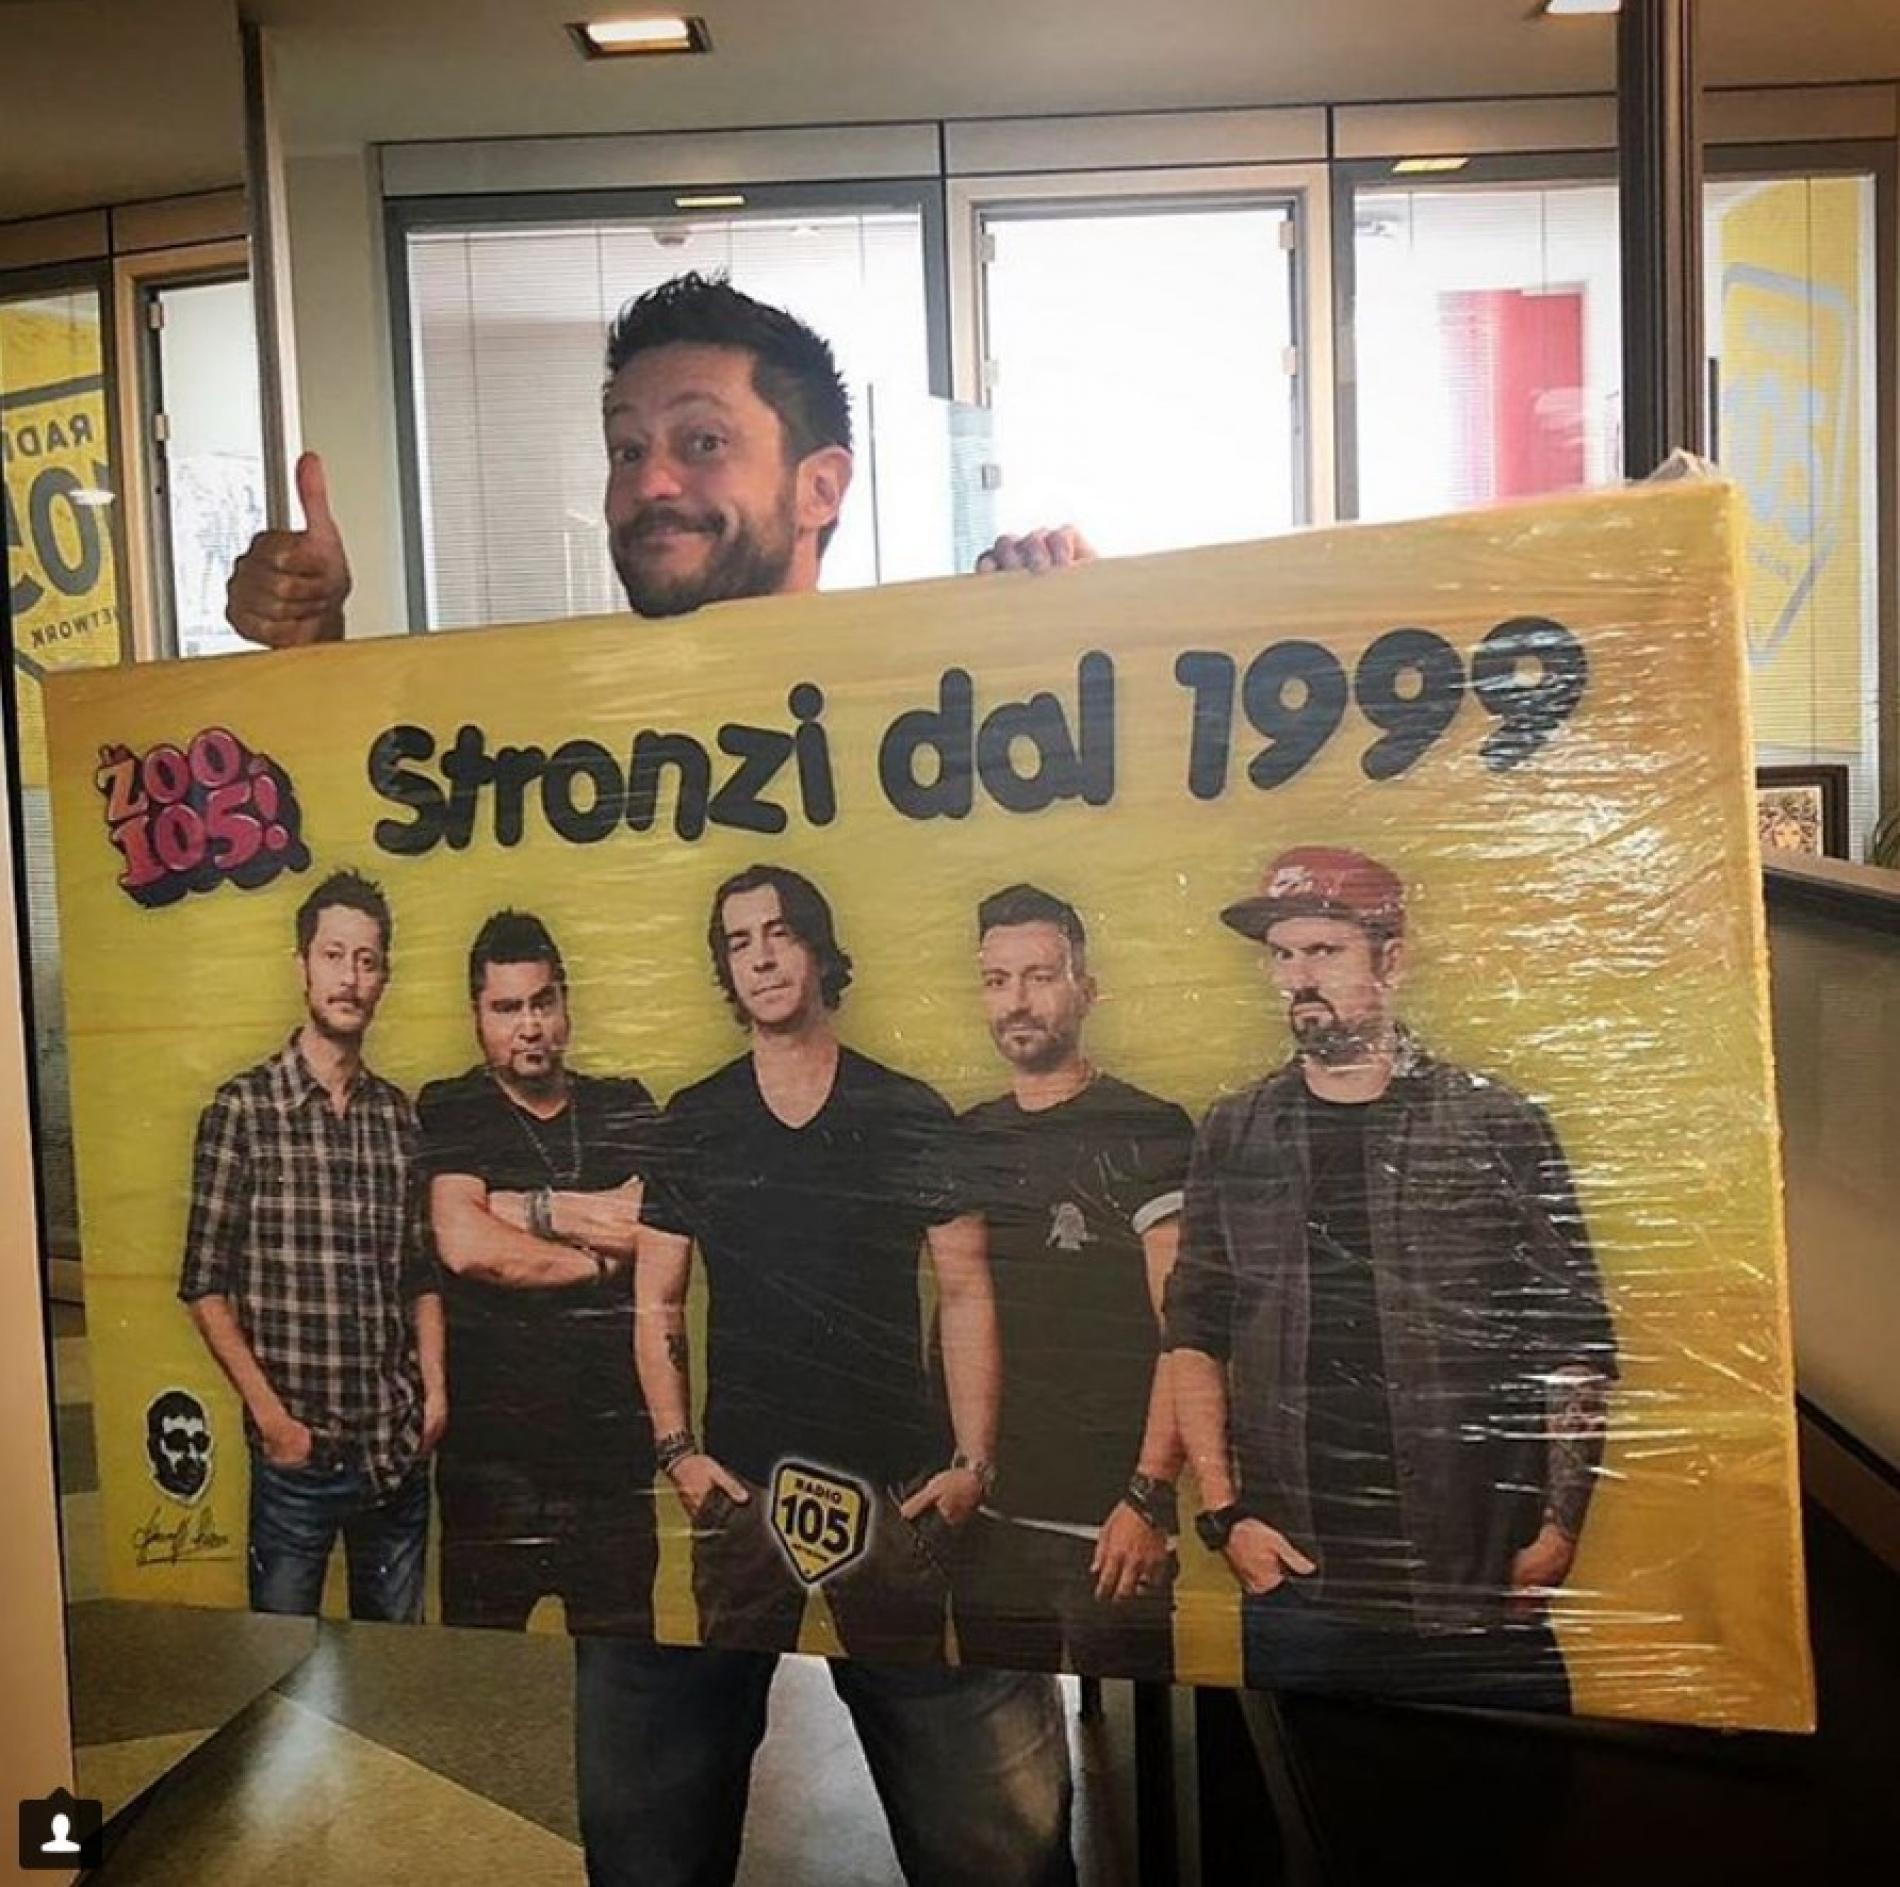 Staff Radio 105 - Fabio Alisei Giuseppe Polizzi Crazymarketing pubblicità Geniali